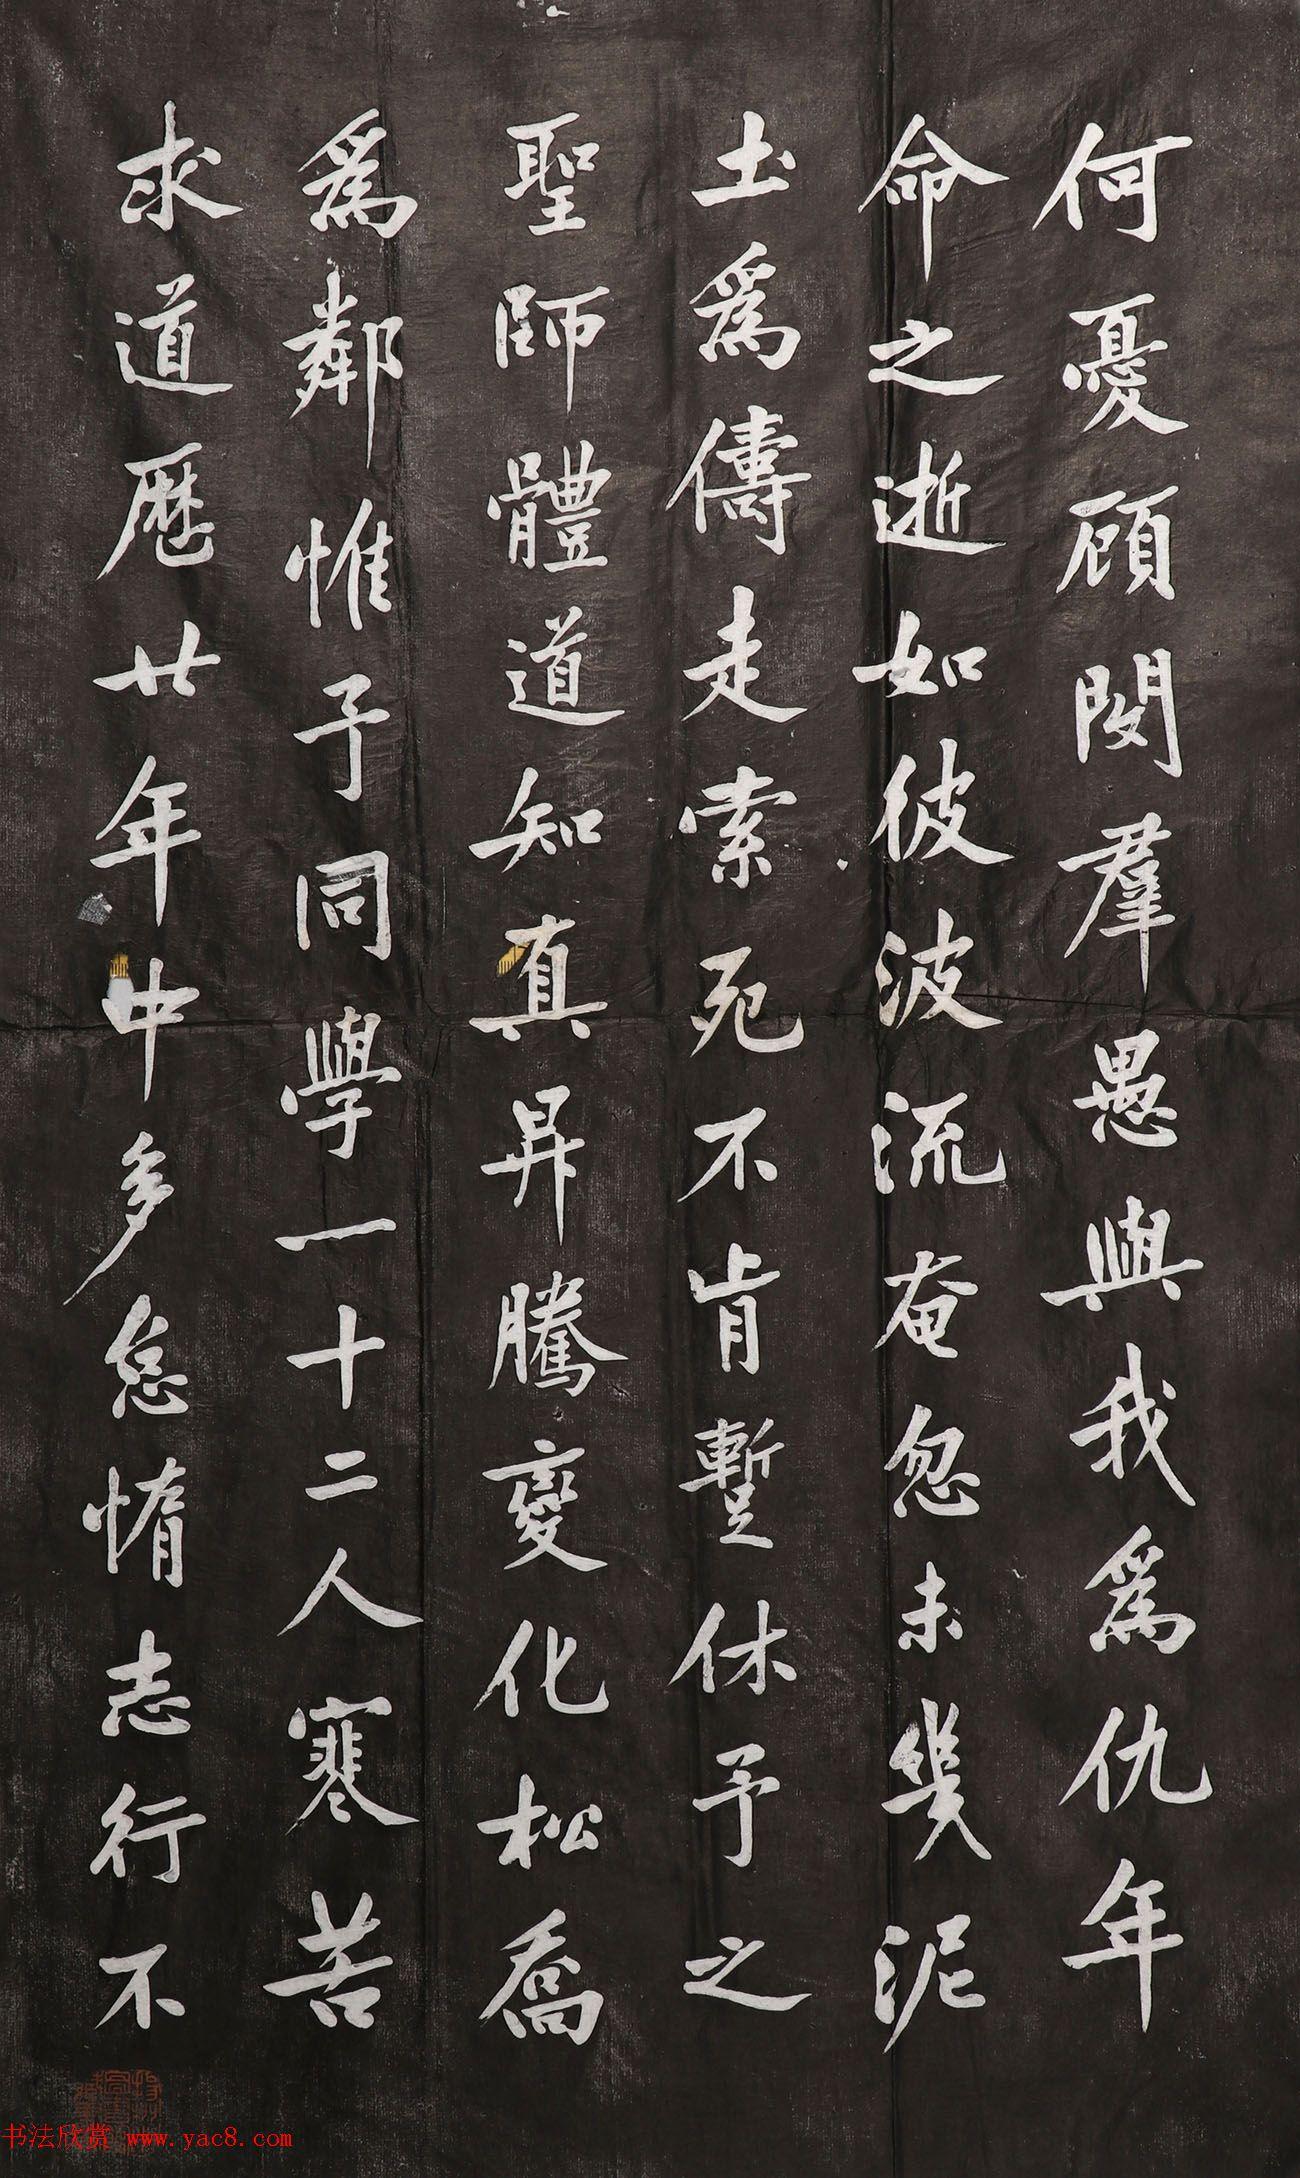 彭汶孙书法摹黄庭坚阴长生诗石刻